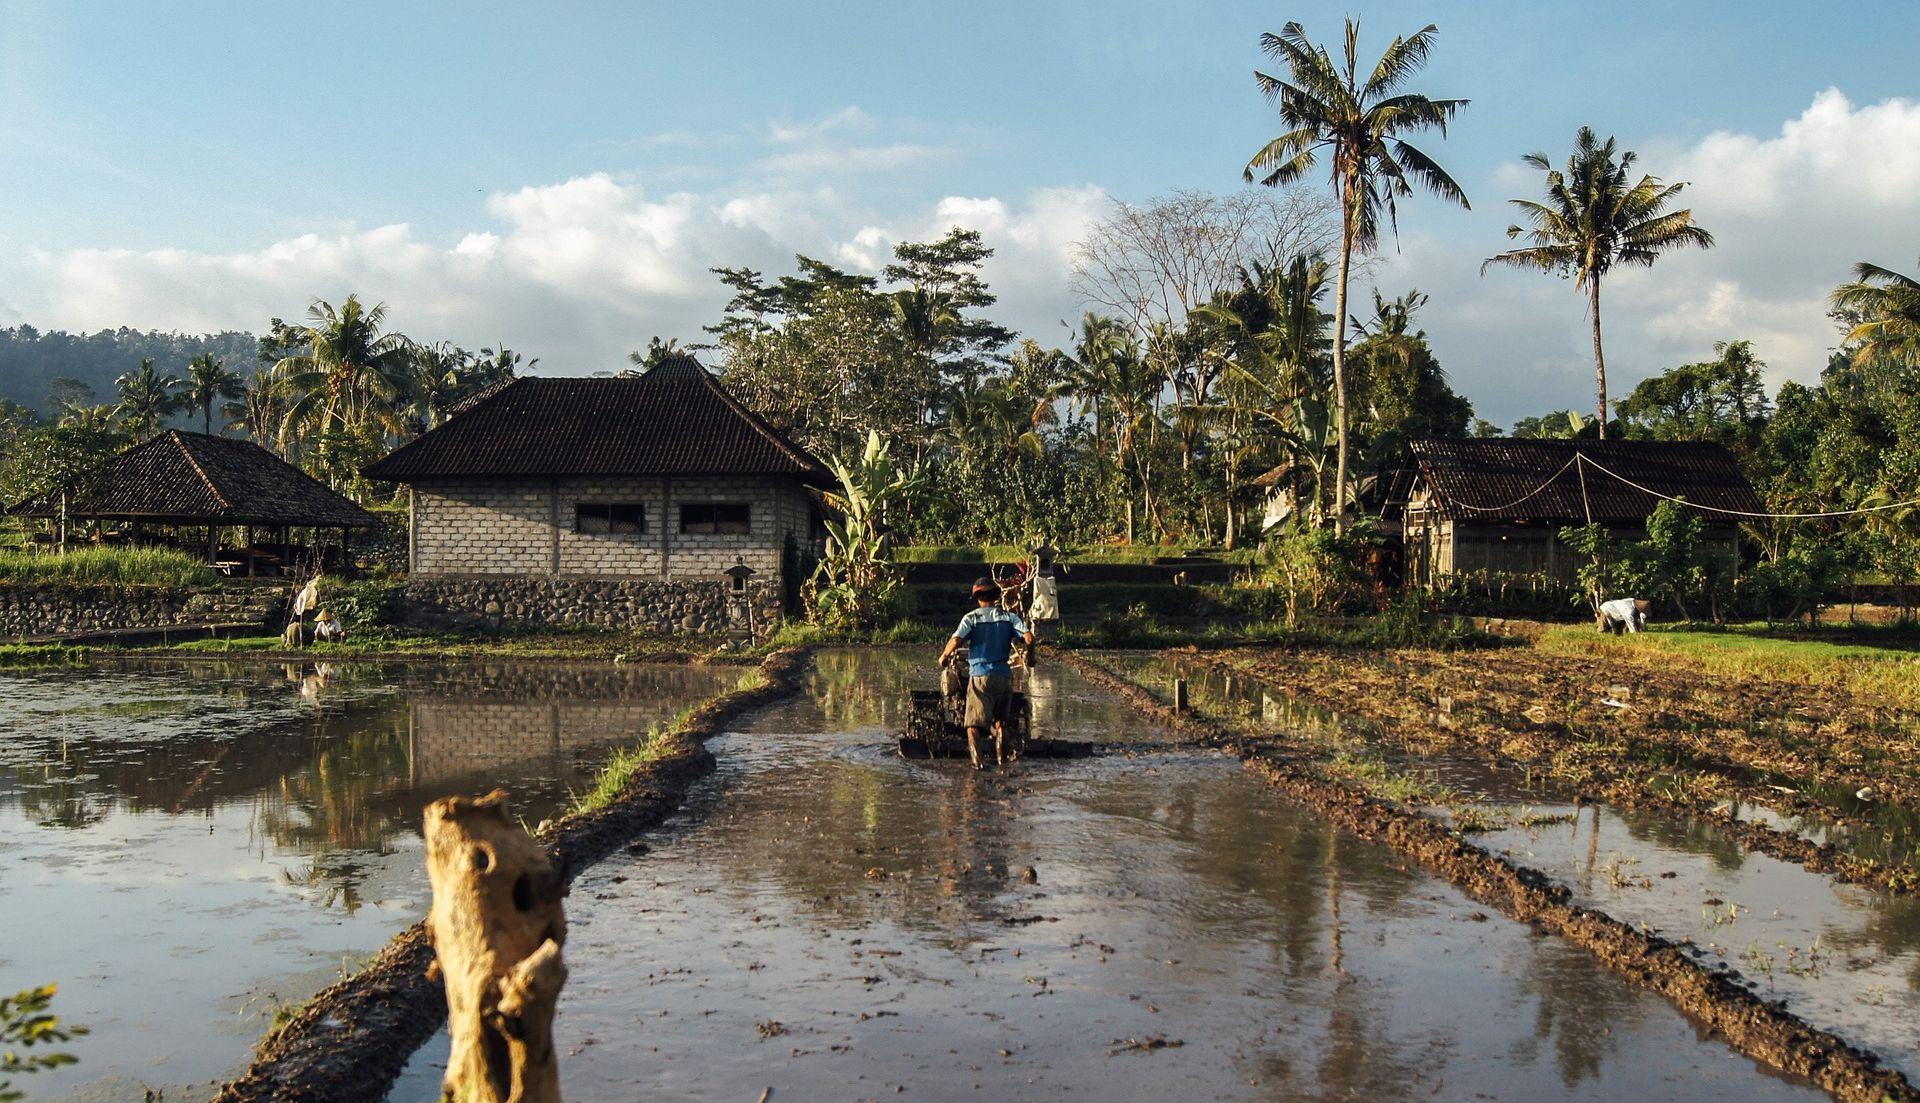 Klimatskim izbjeglicama u Južnoj Aziji potrebna ista zaštita kao političkim izbjeglicama